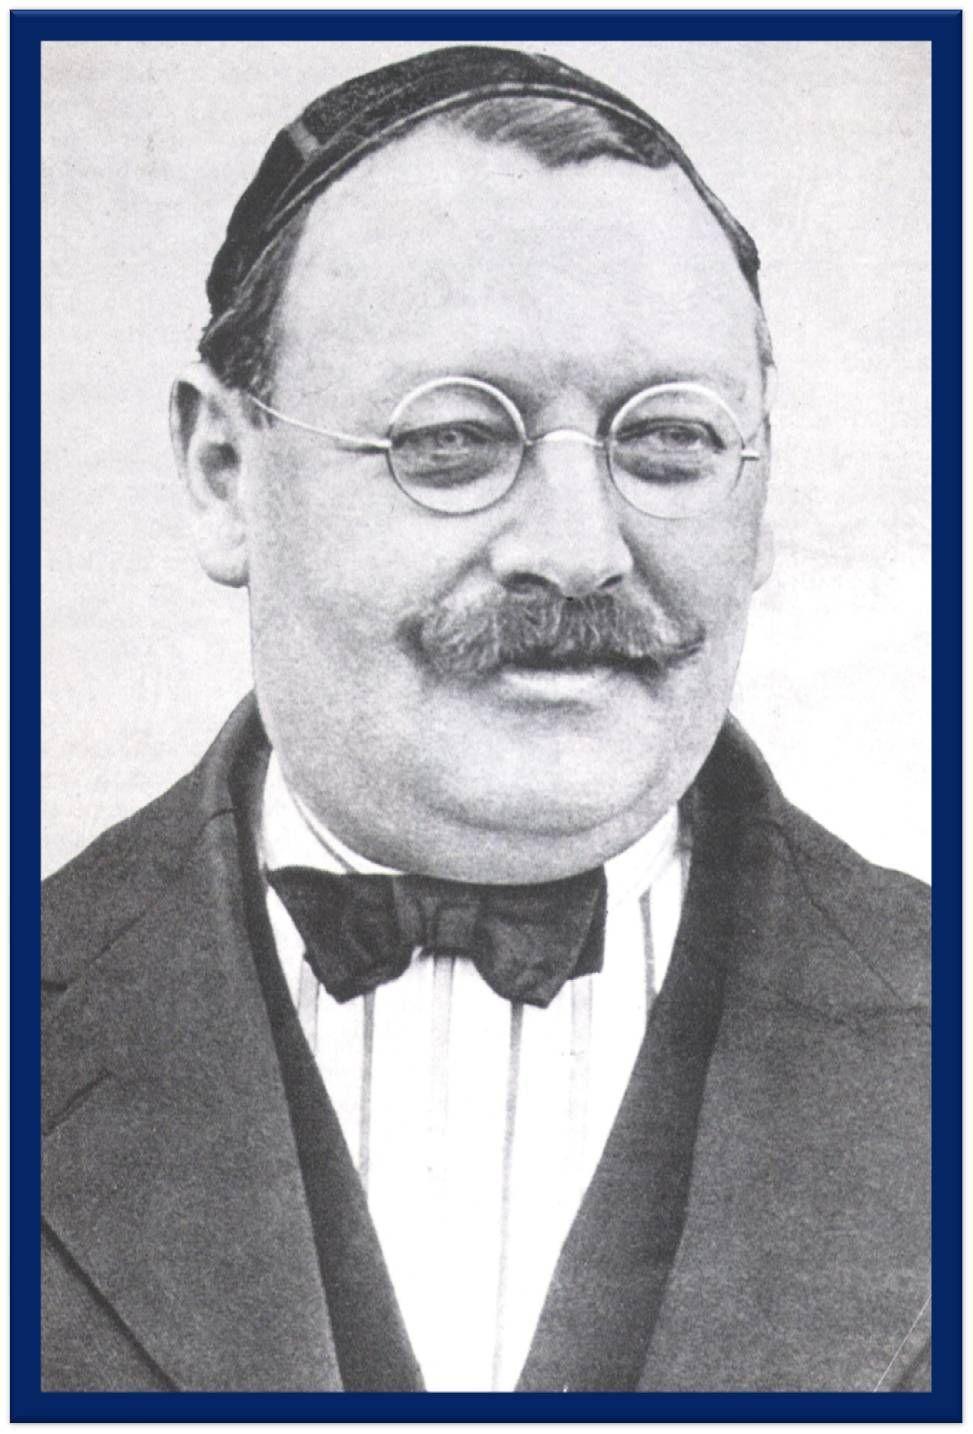 ¿Qué deportista suizo fundó el FC Barcelona?